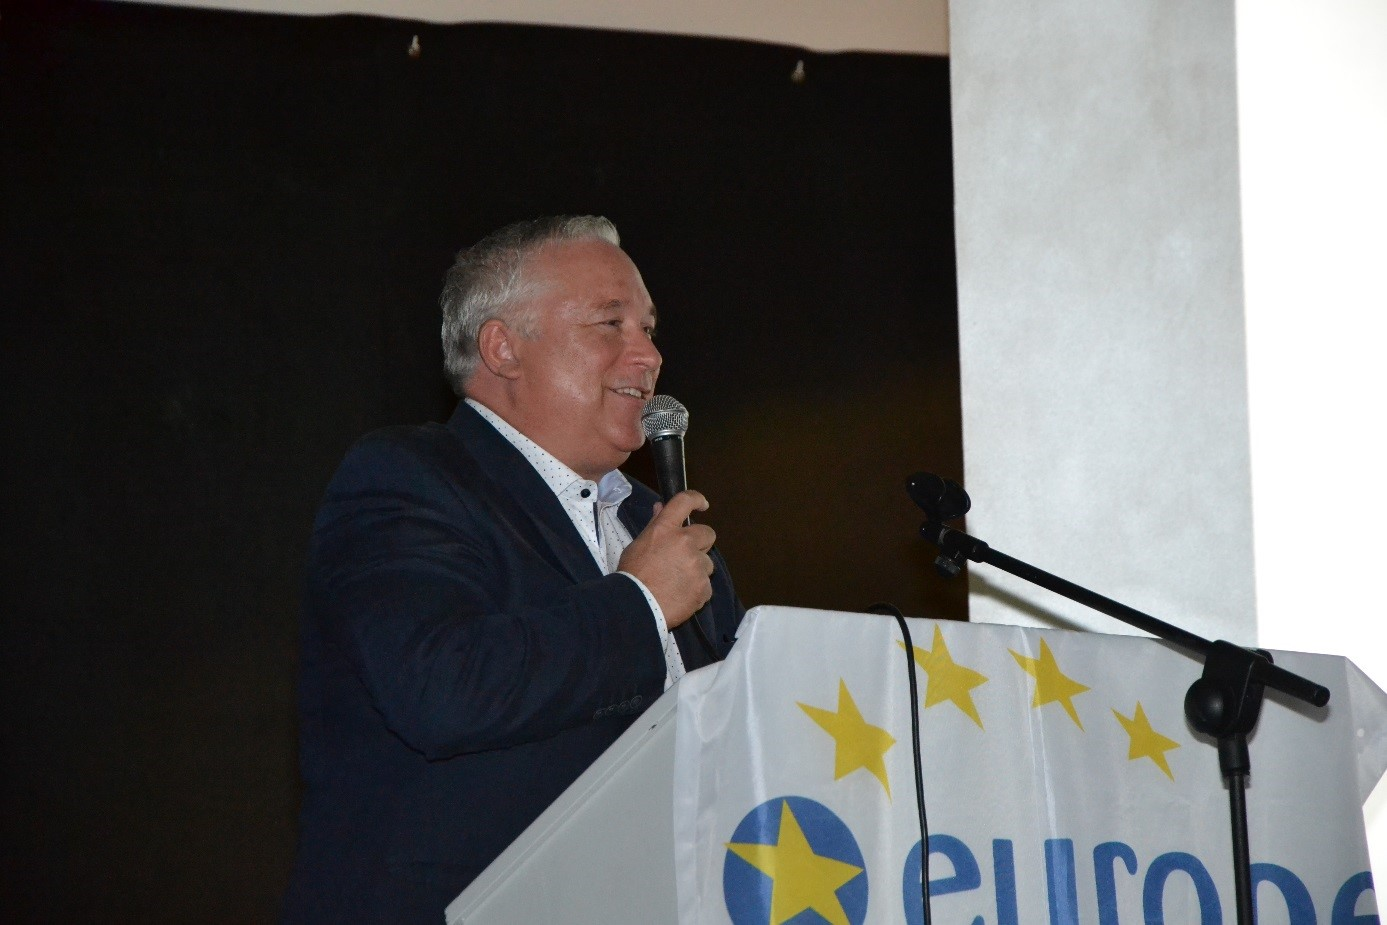 Jochen Pöttgen, Leiter der Vertretung der Europäischen Kommission in Bonn, berichtet von seiner Arbeit und der Zukunft der Europäischen Union